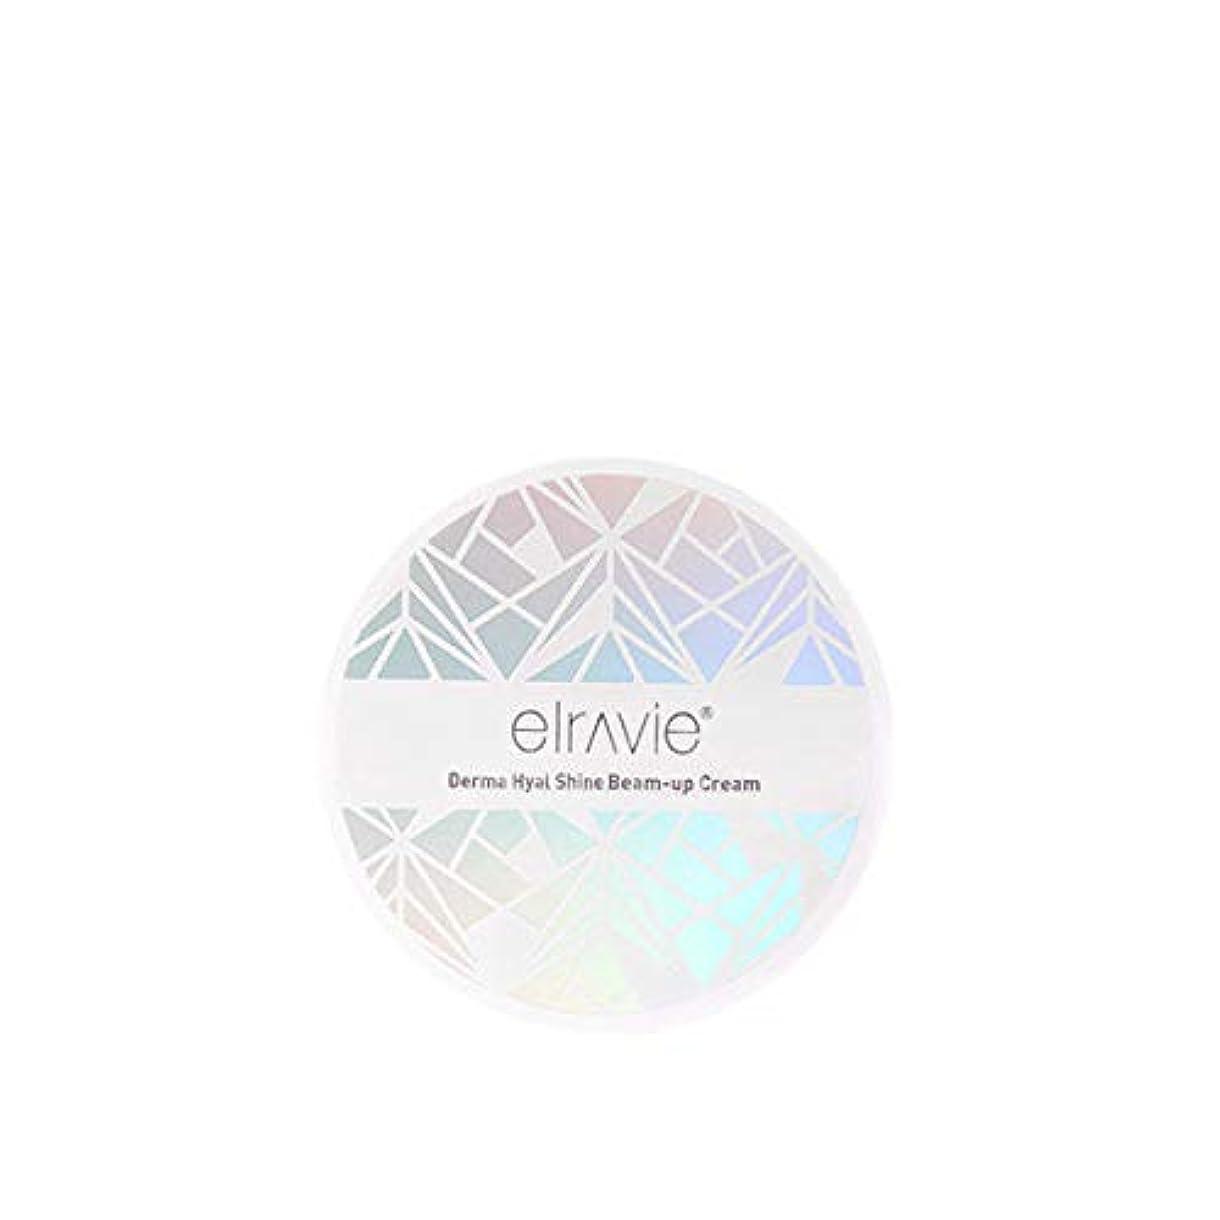 ガジュマル絵ボトルネックエラヴィー[Elravie] ダーマヒアルロン酸 輝くビームアップクリーム15g / Derma Hyal Shine Beam-up Cream